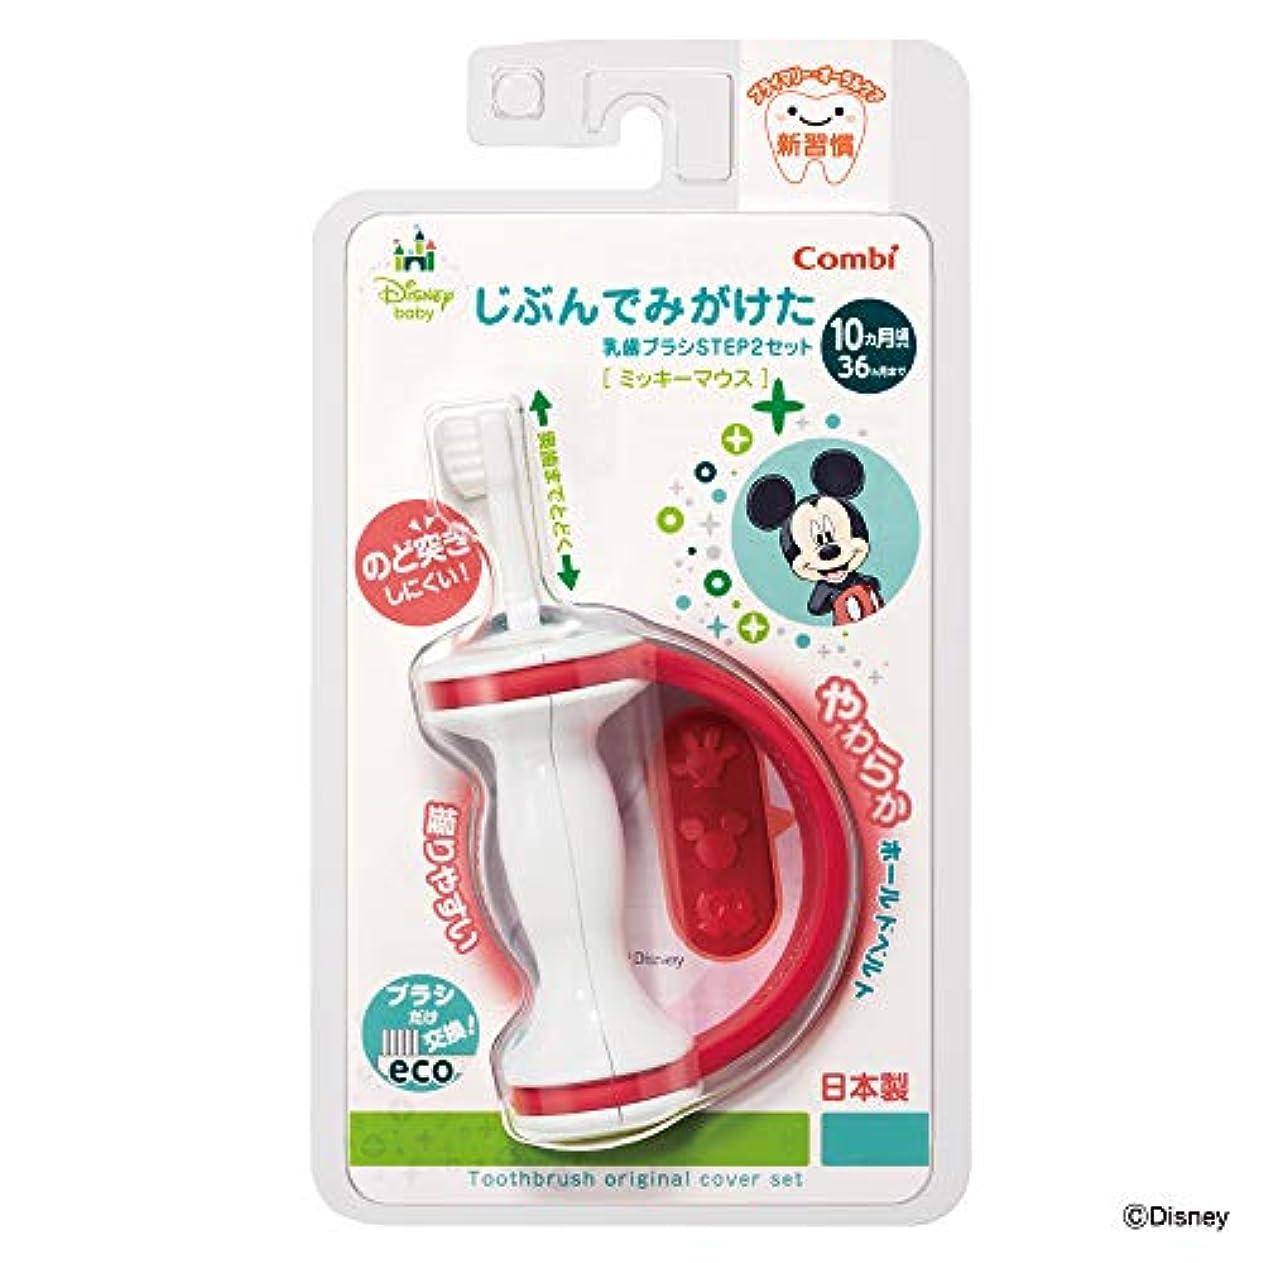 小売想定する香港コンビ テテオ じぶんでみがけた乳歯ブラシ STEP2セットミッキーマウス